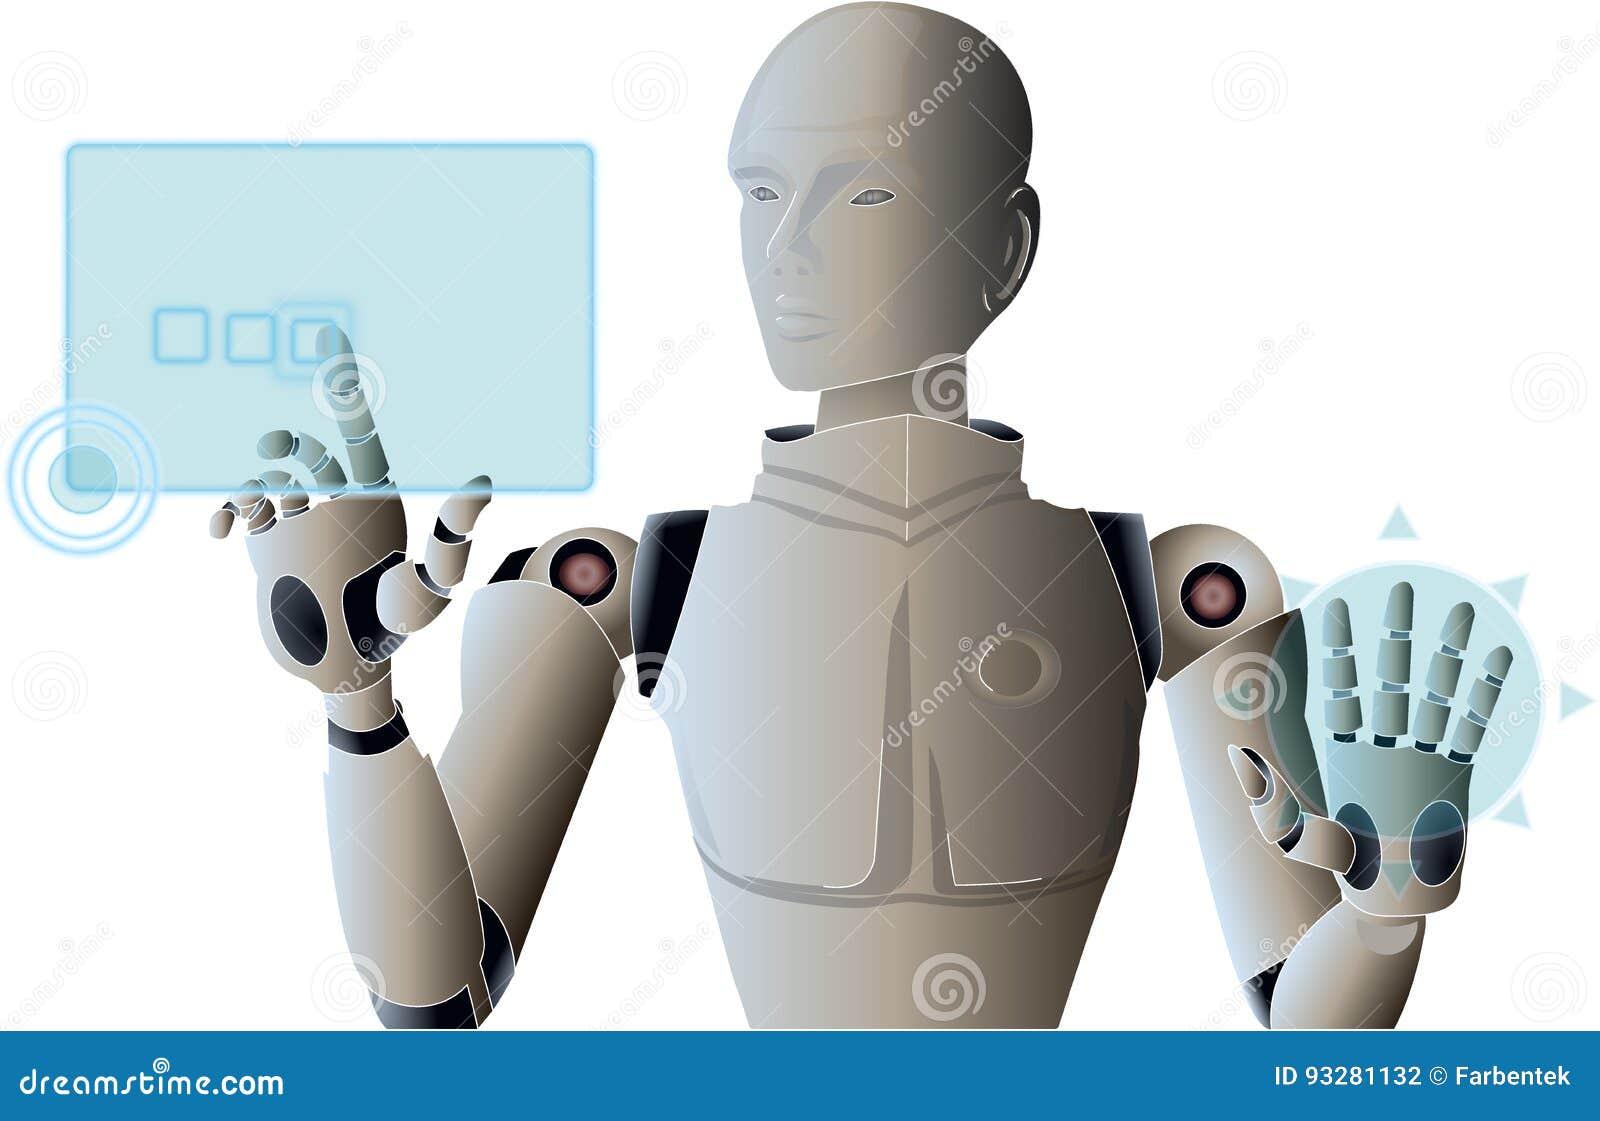 Robot Managing And Operating Virtual Hud Screen Interface